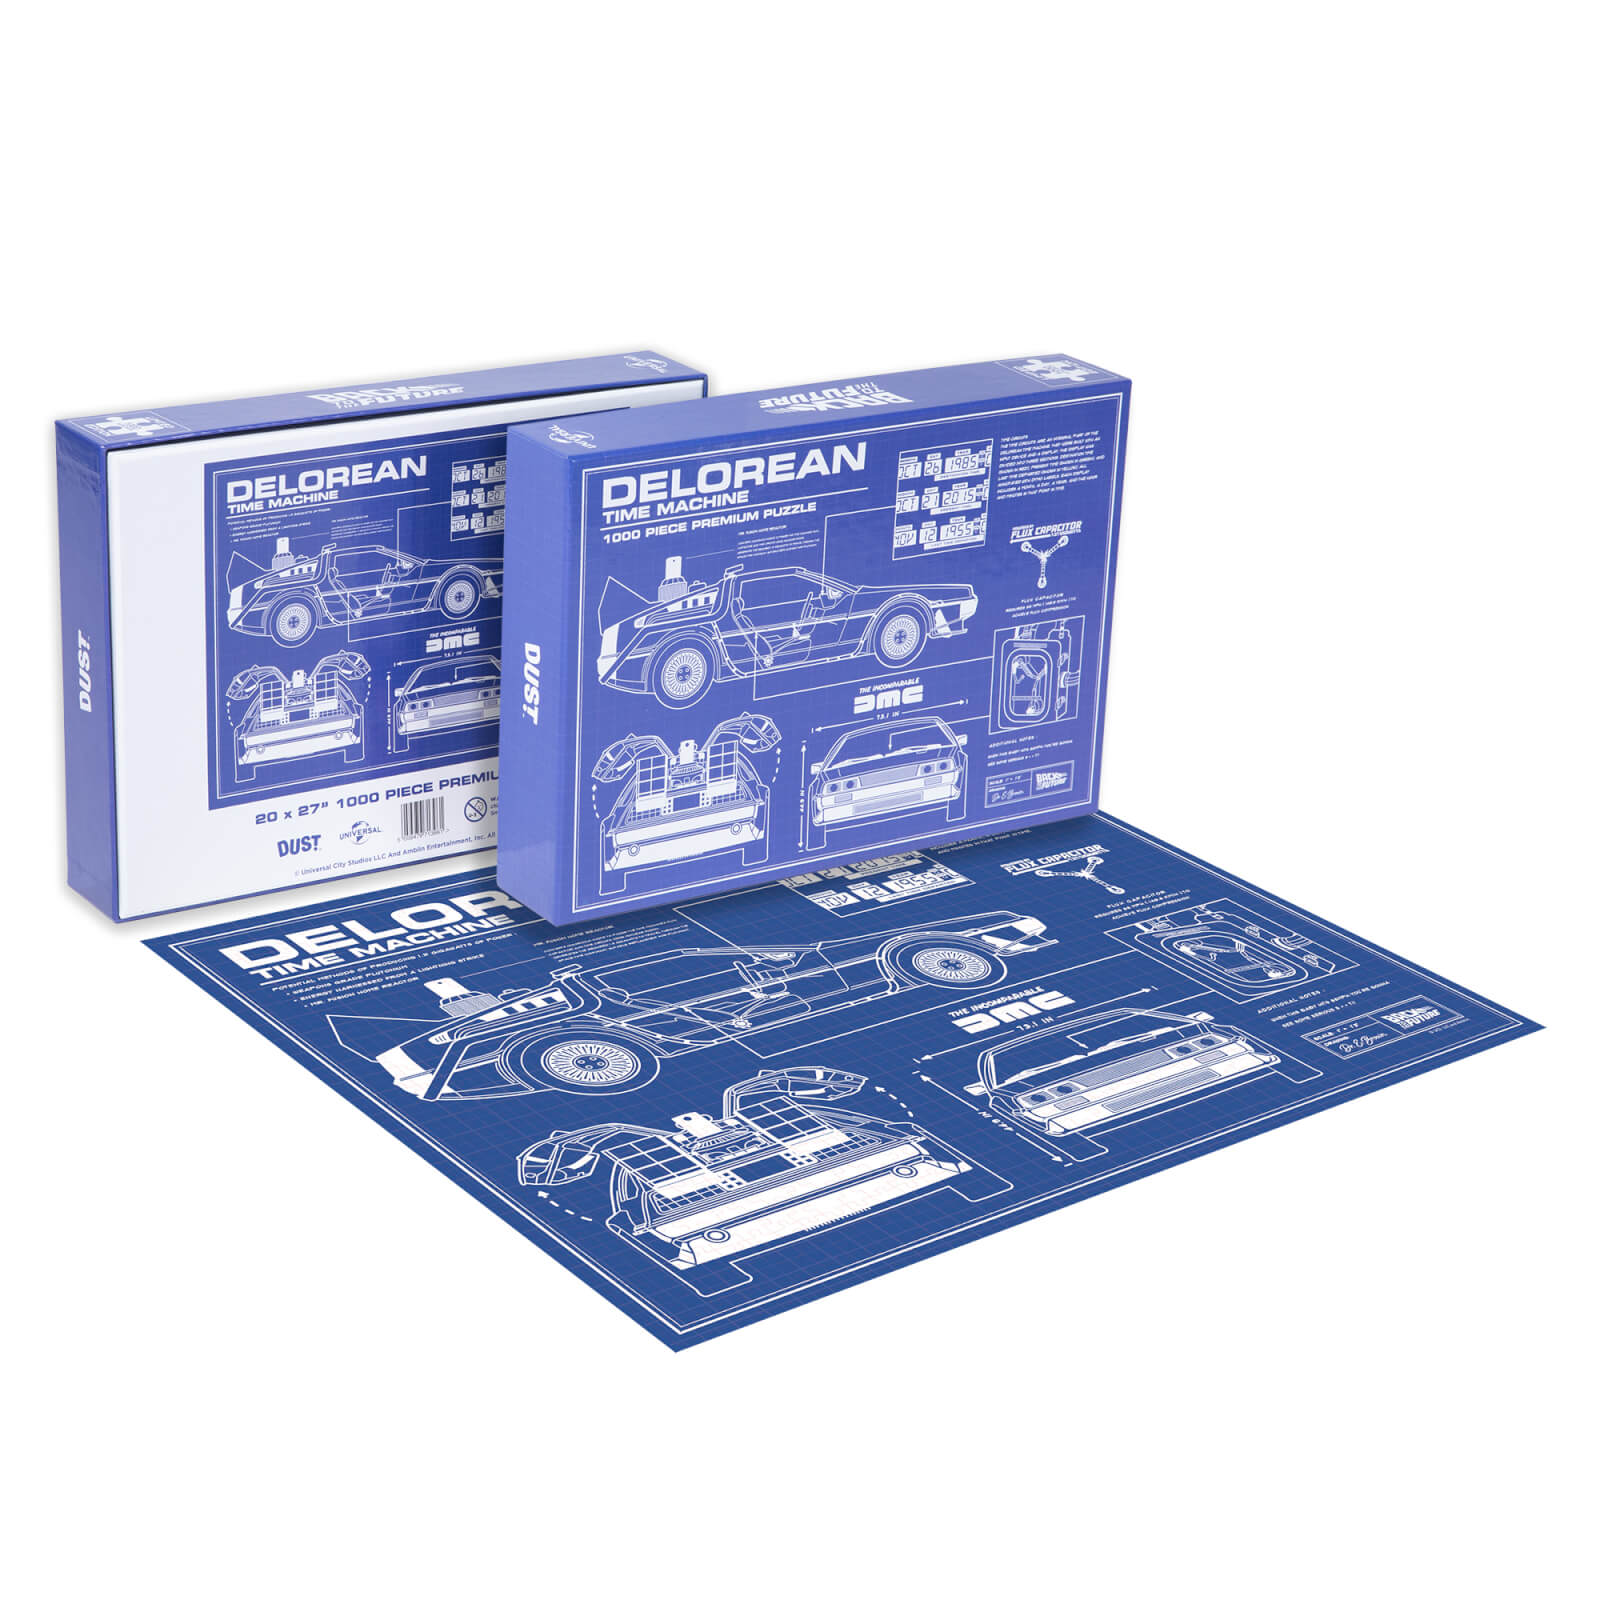 Image of Dust! Back To The Future DeLorean Schematic 1000pc Puzzle - Zavvi Exclusive